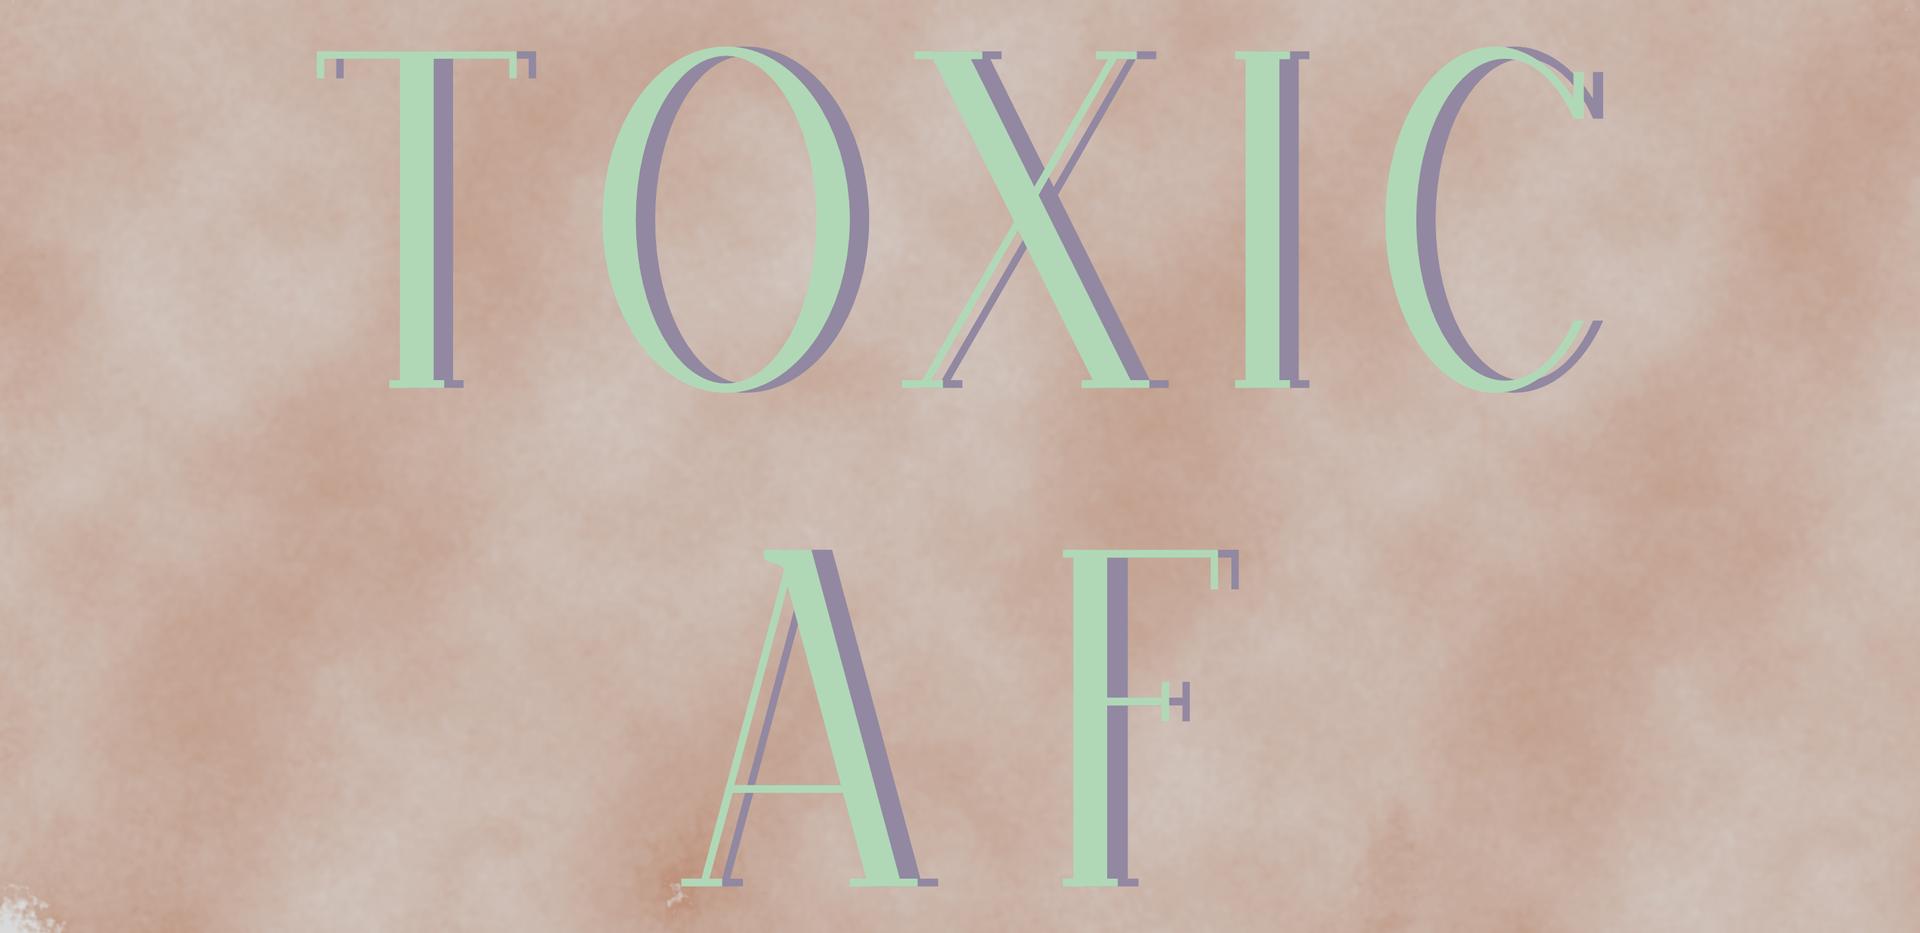 Toxic AF Final Version